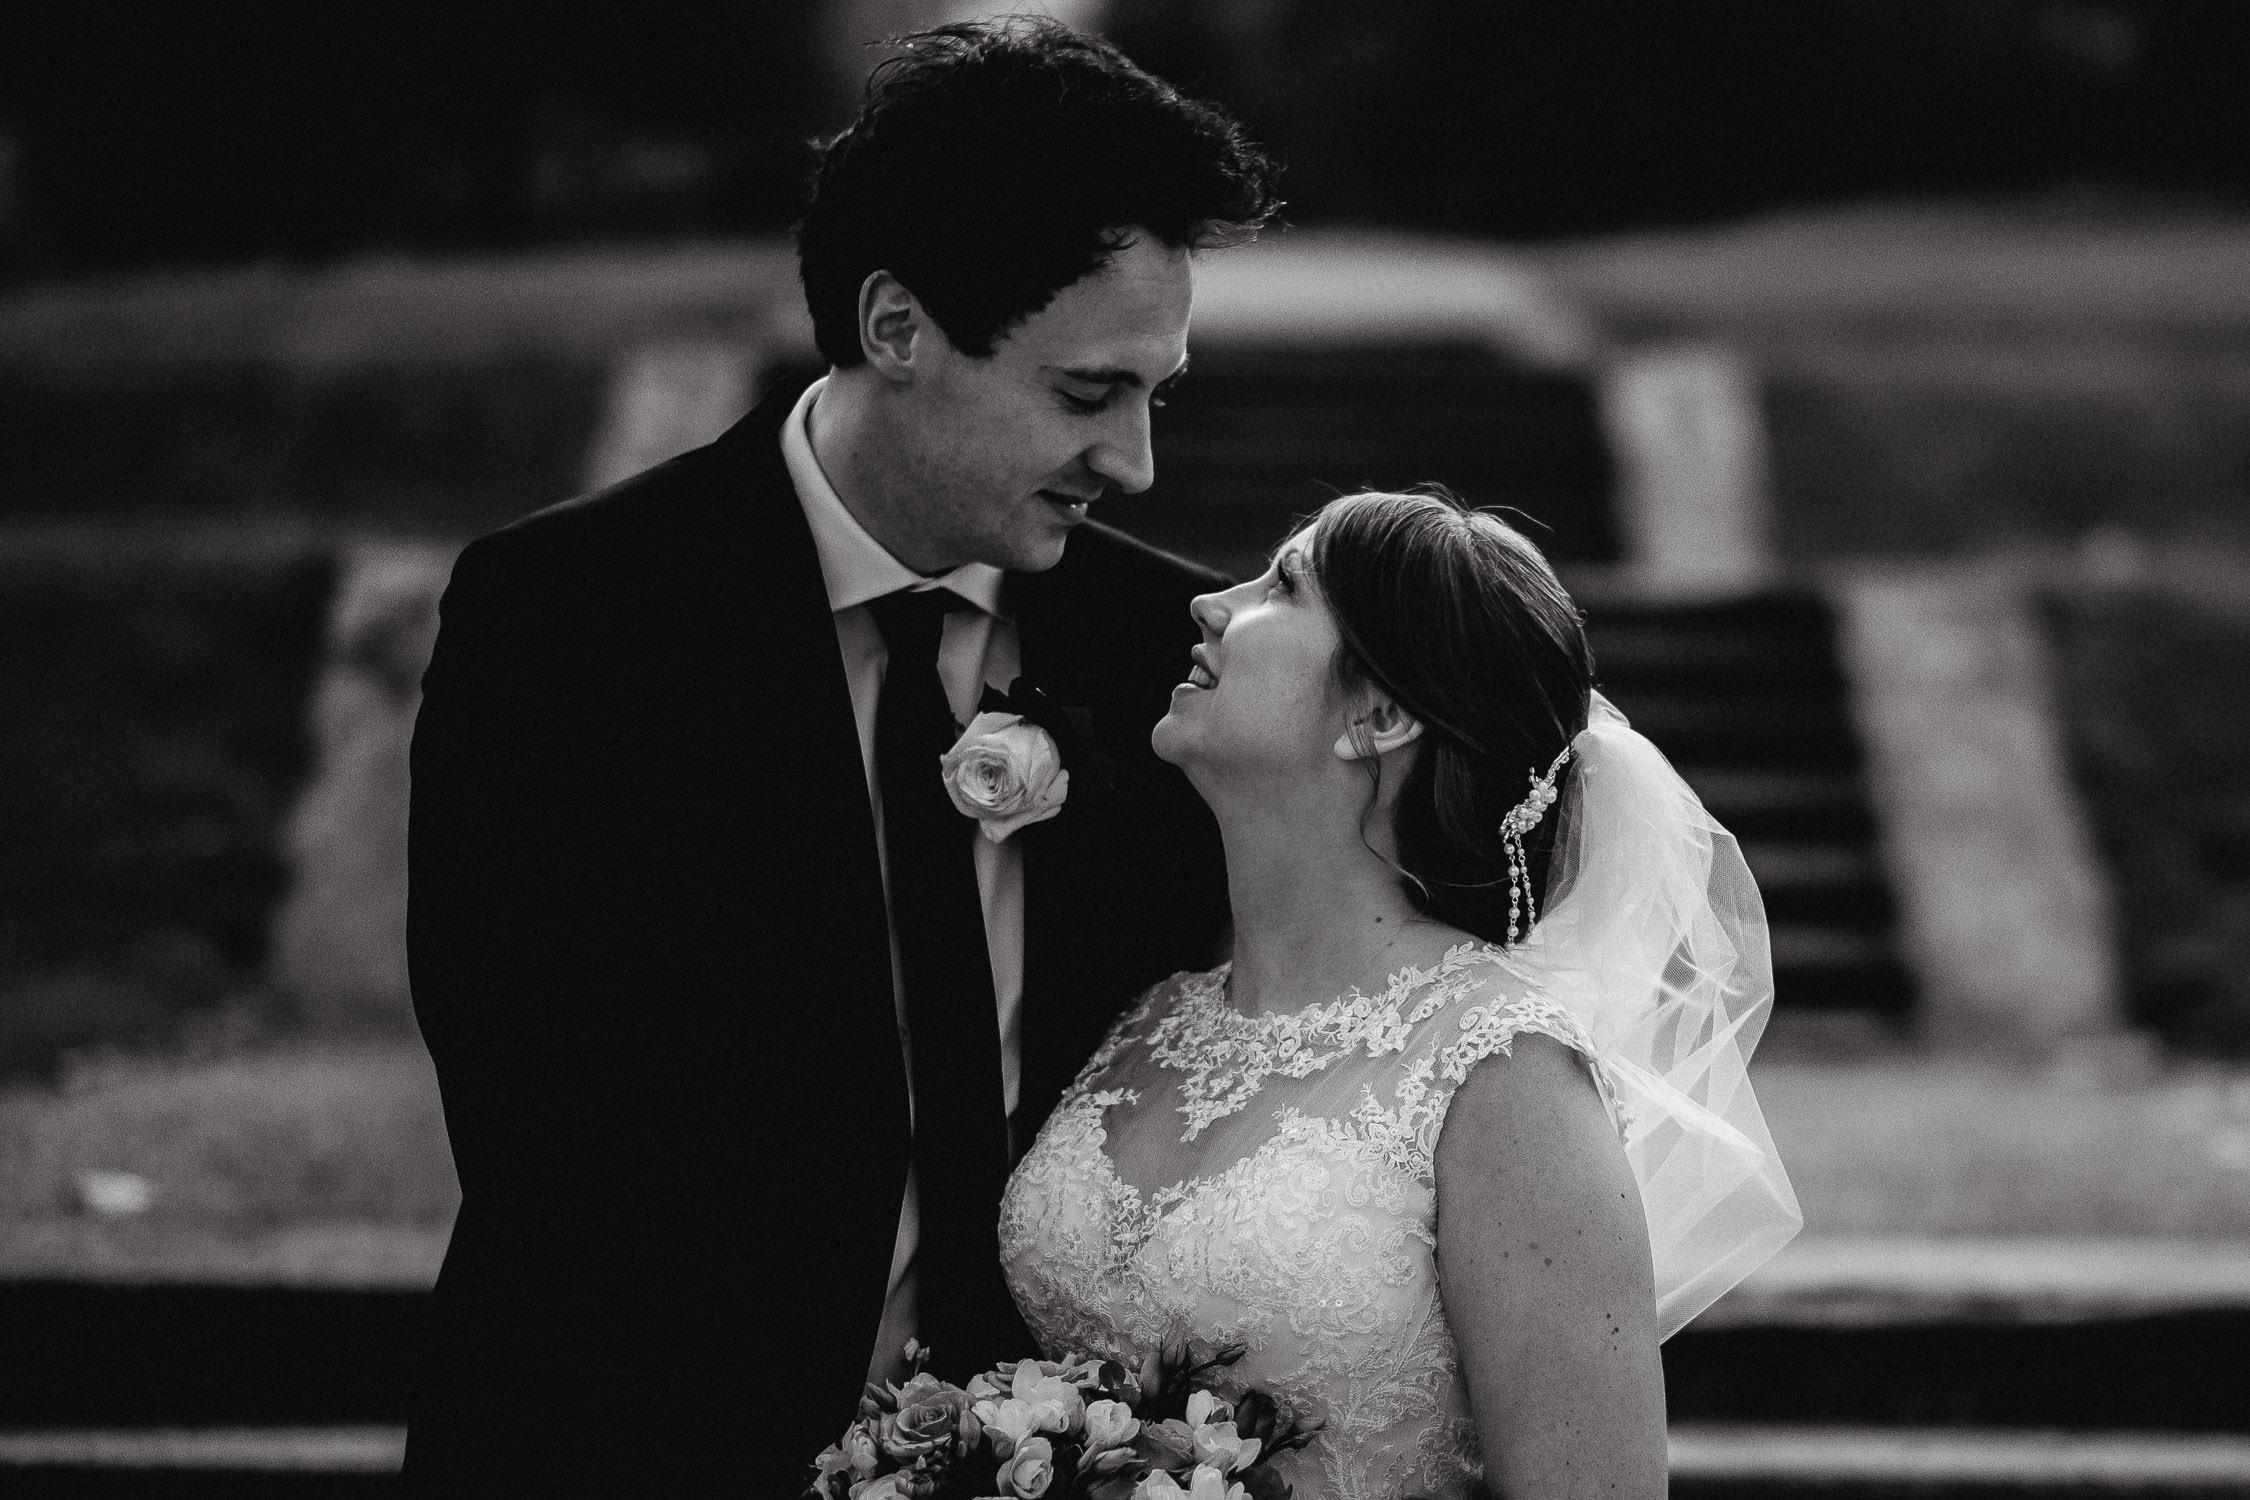 wedding photography from evesham worcestershire